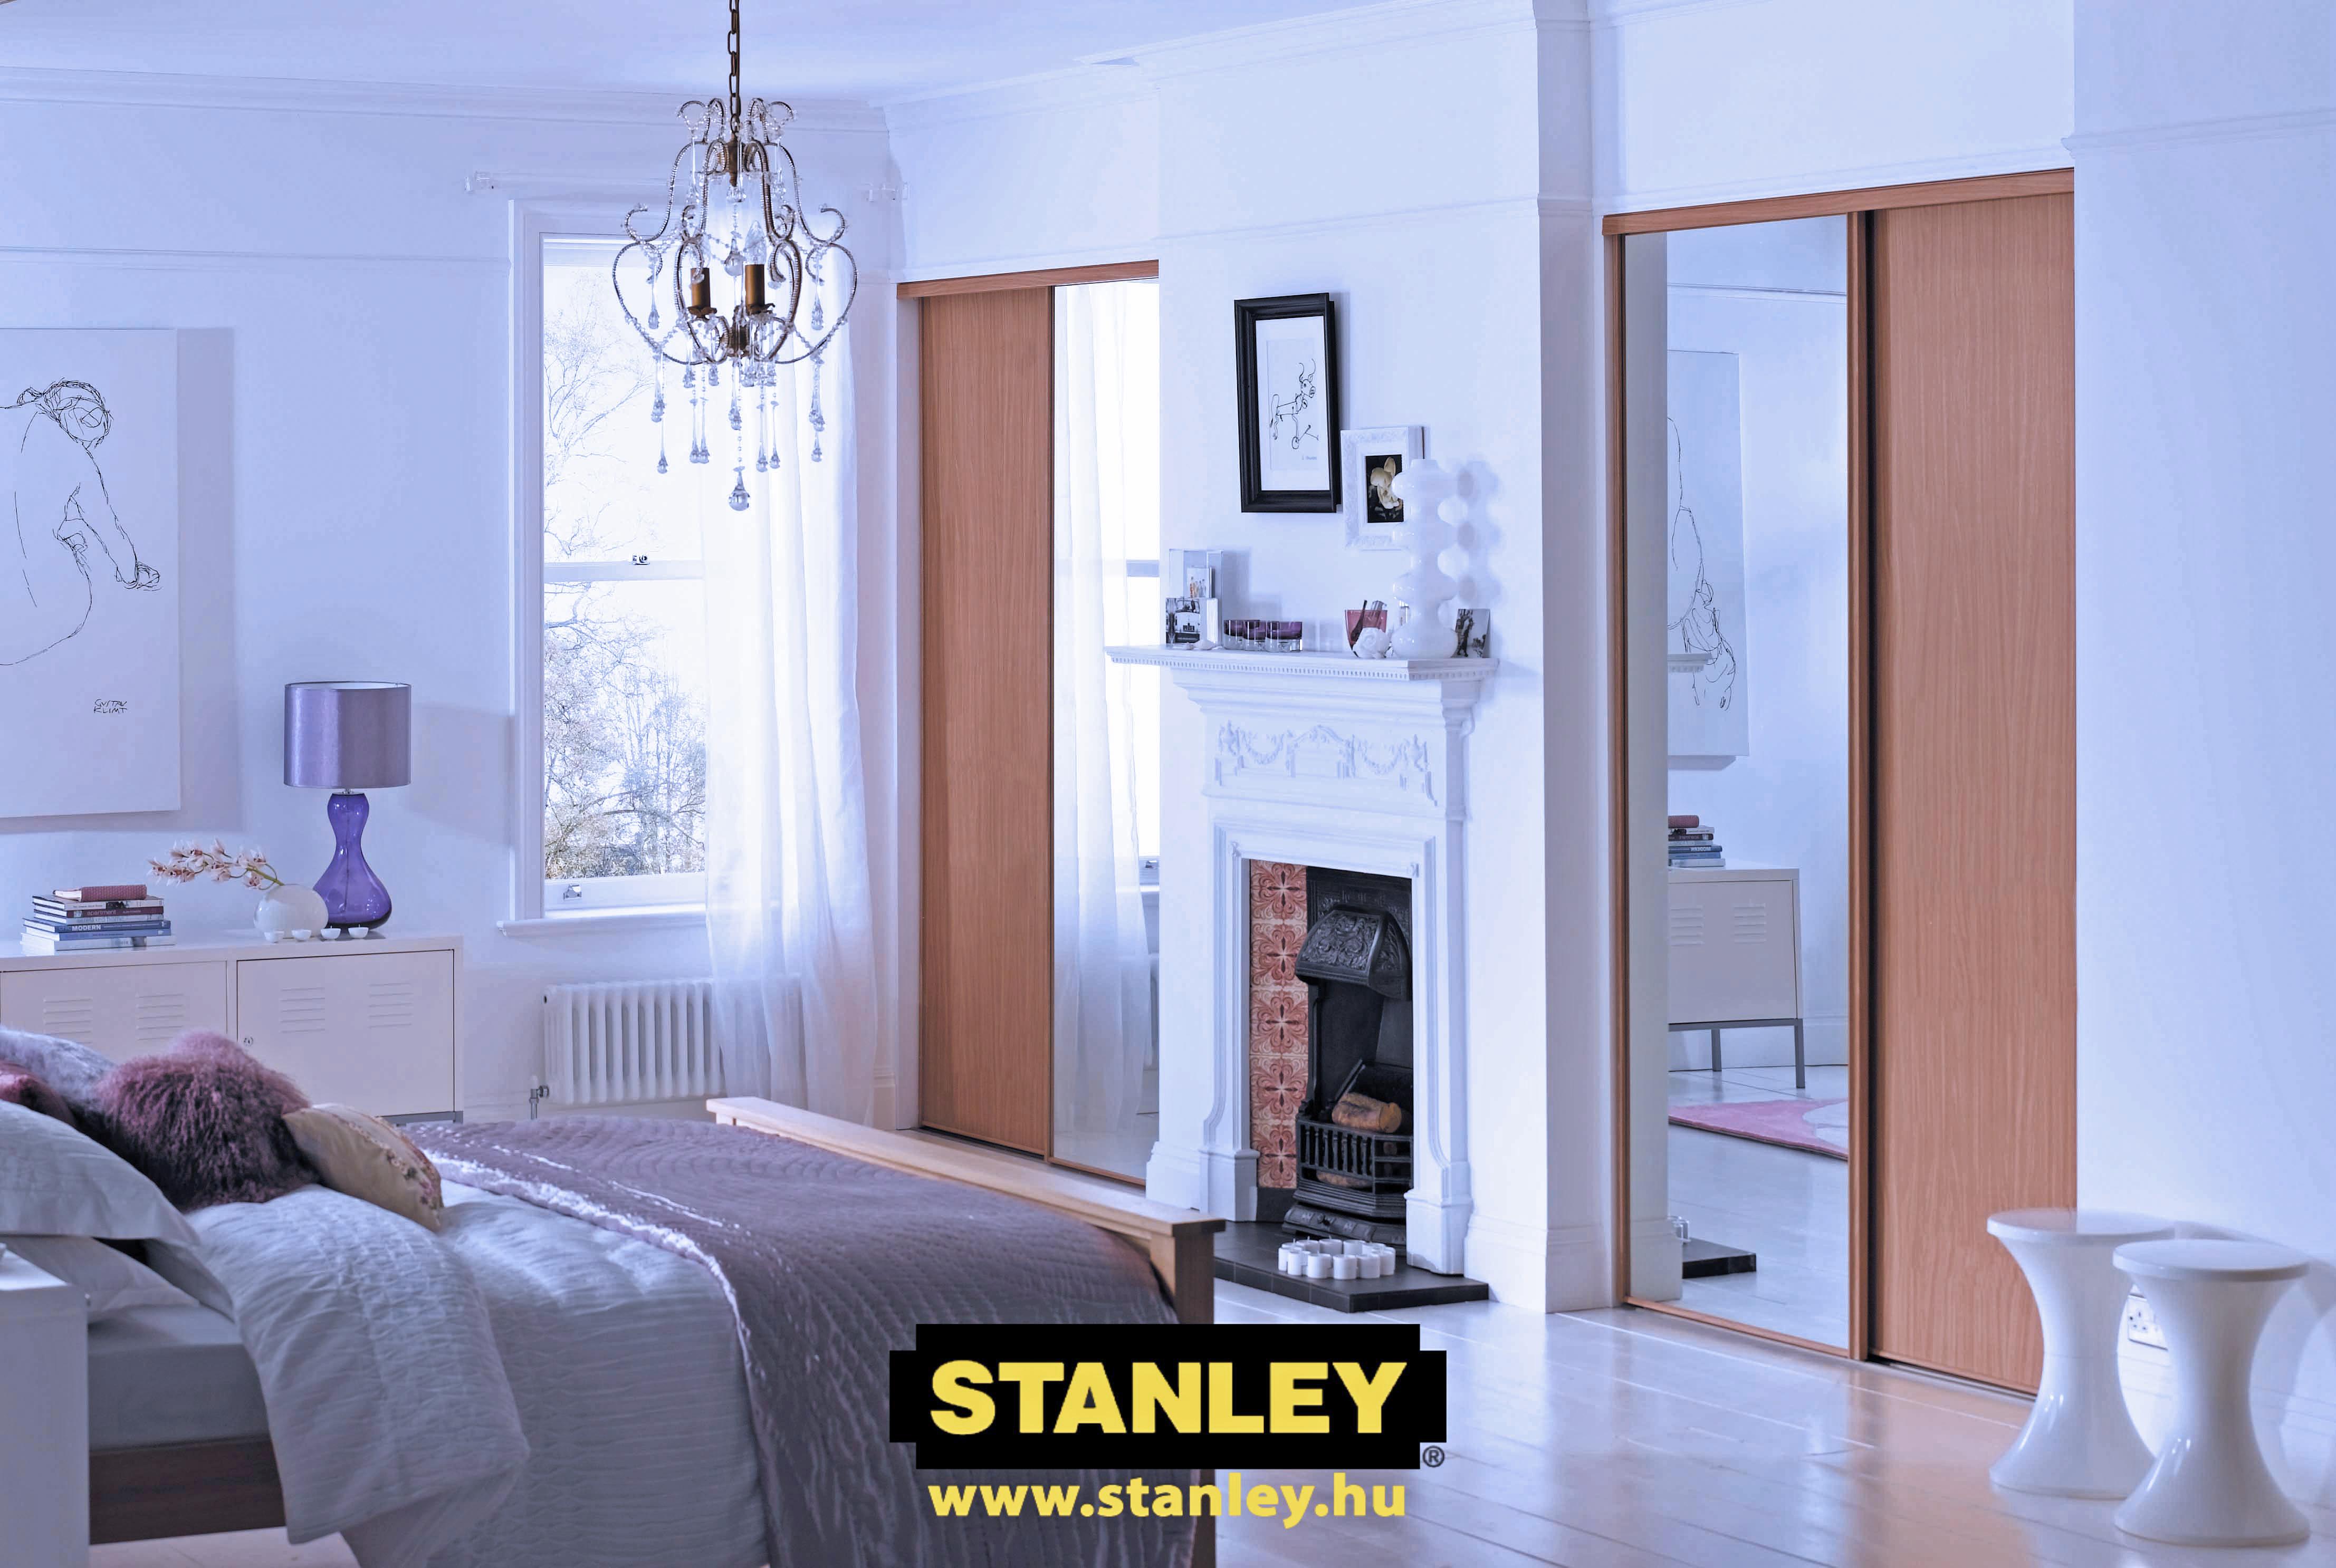 Hálószoba szekrények bútorlapos és tükrös tolóajtókkal - Stanley